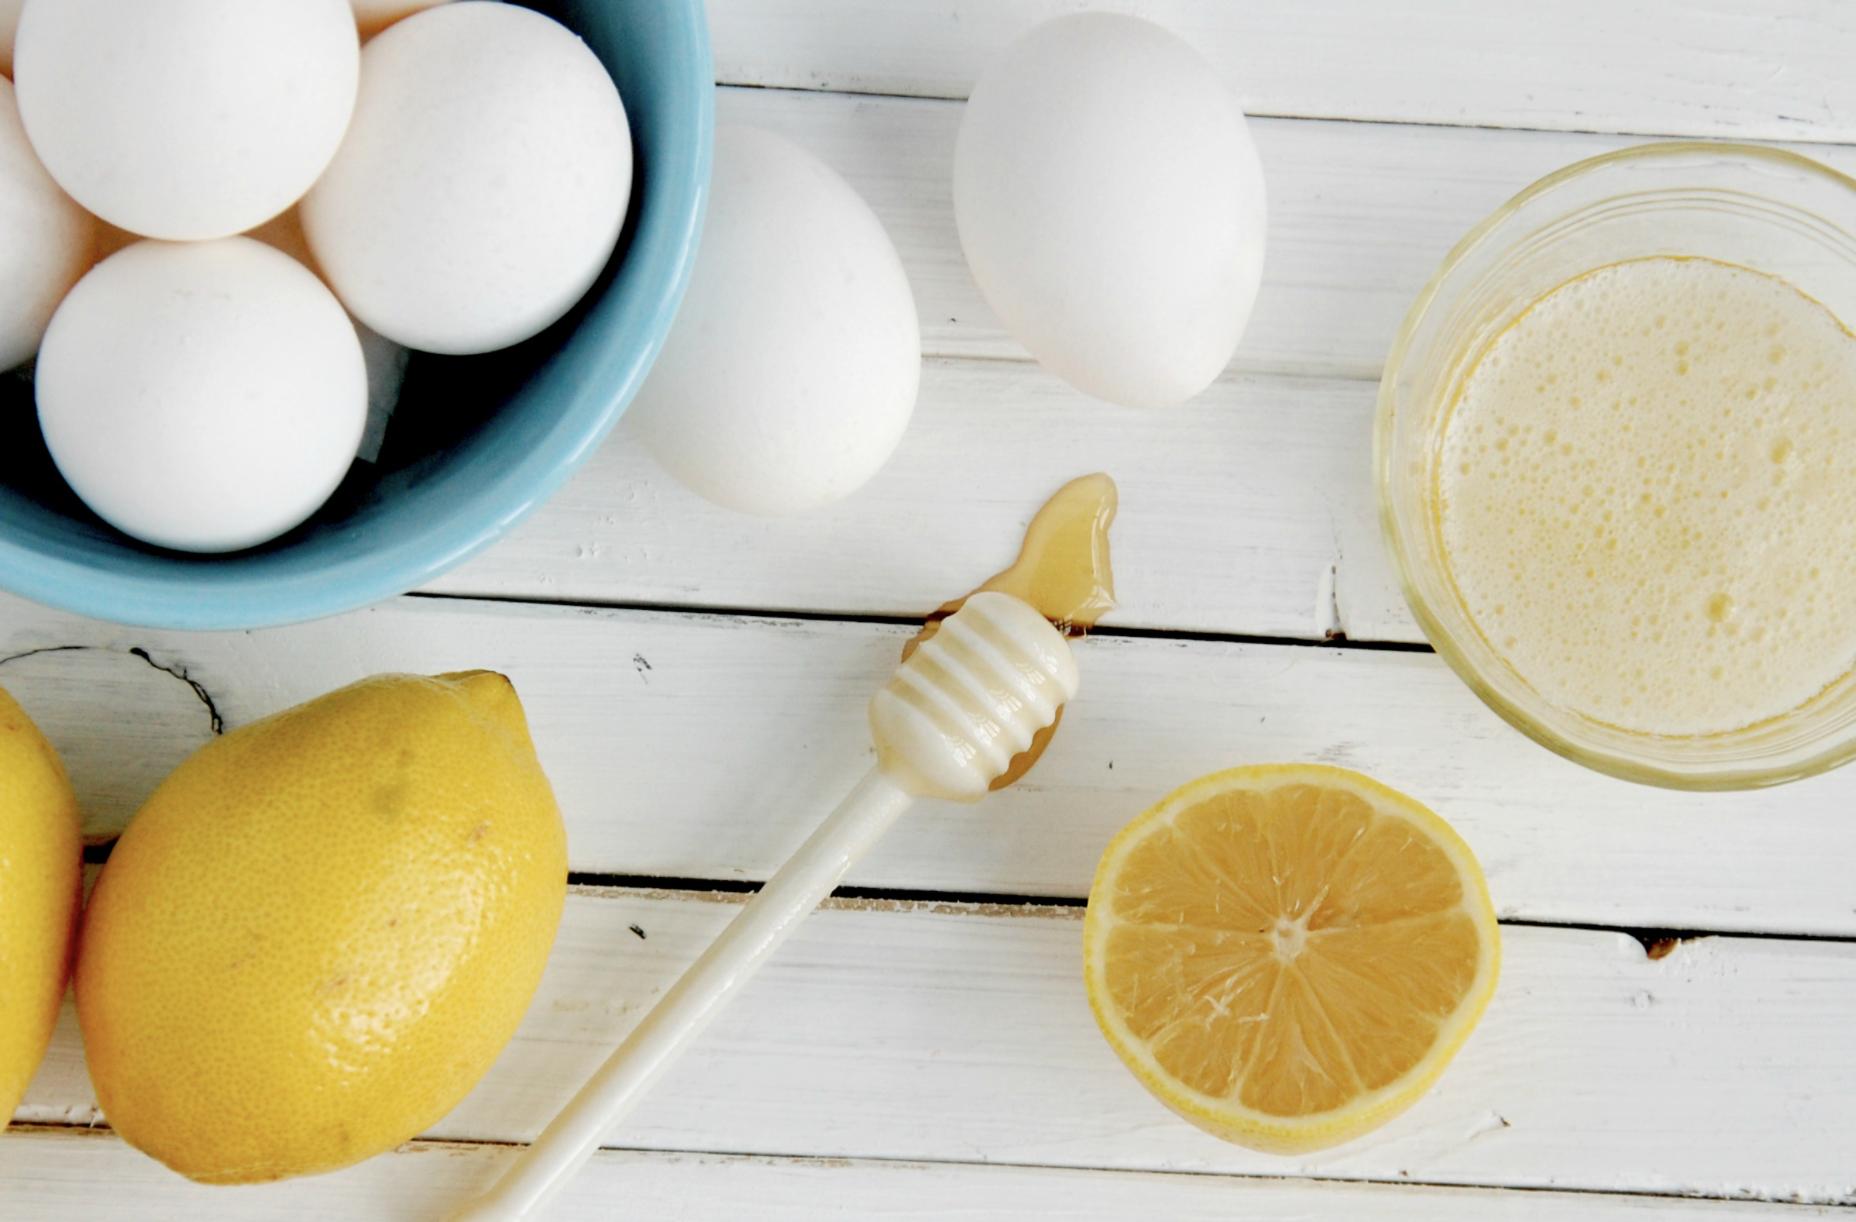 Mặt nạ chuối làm trắng da với chanh và lòng trắng trứng